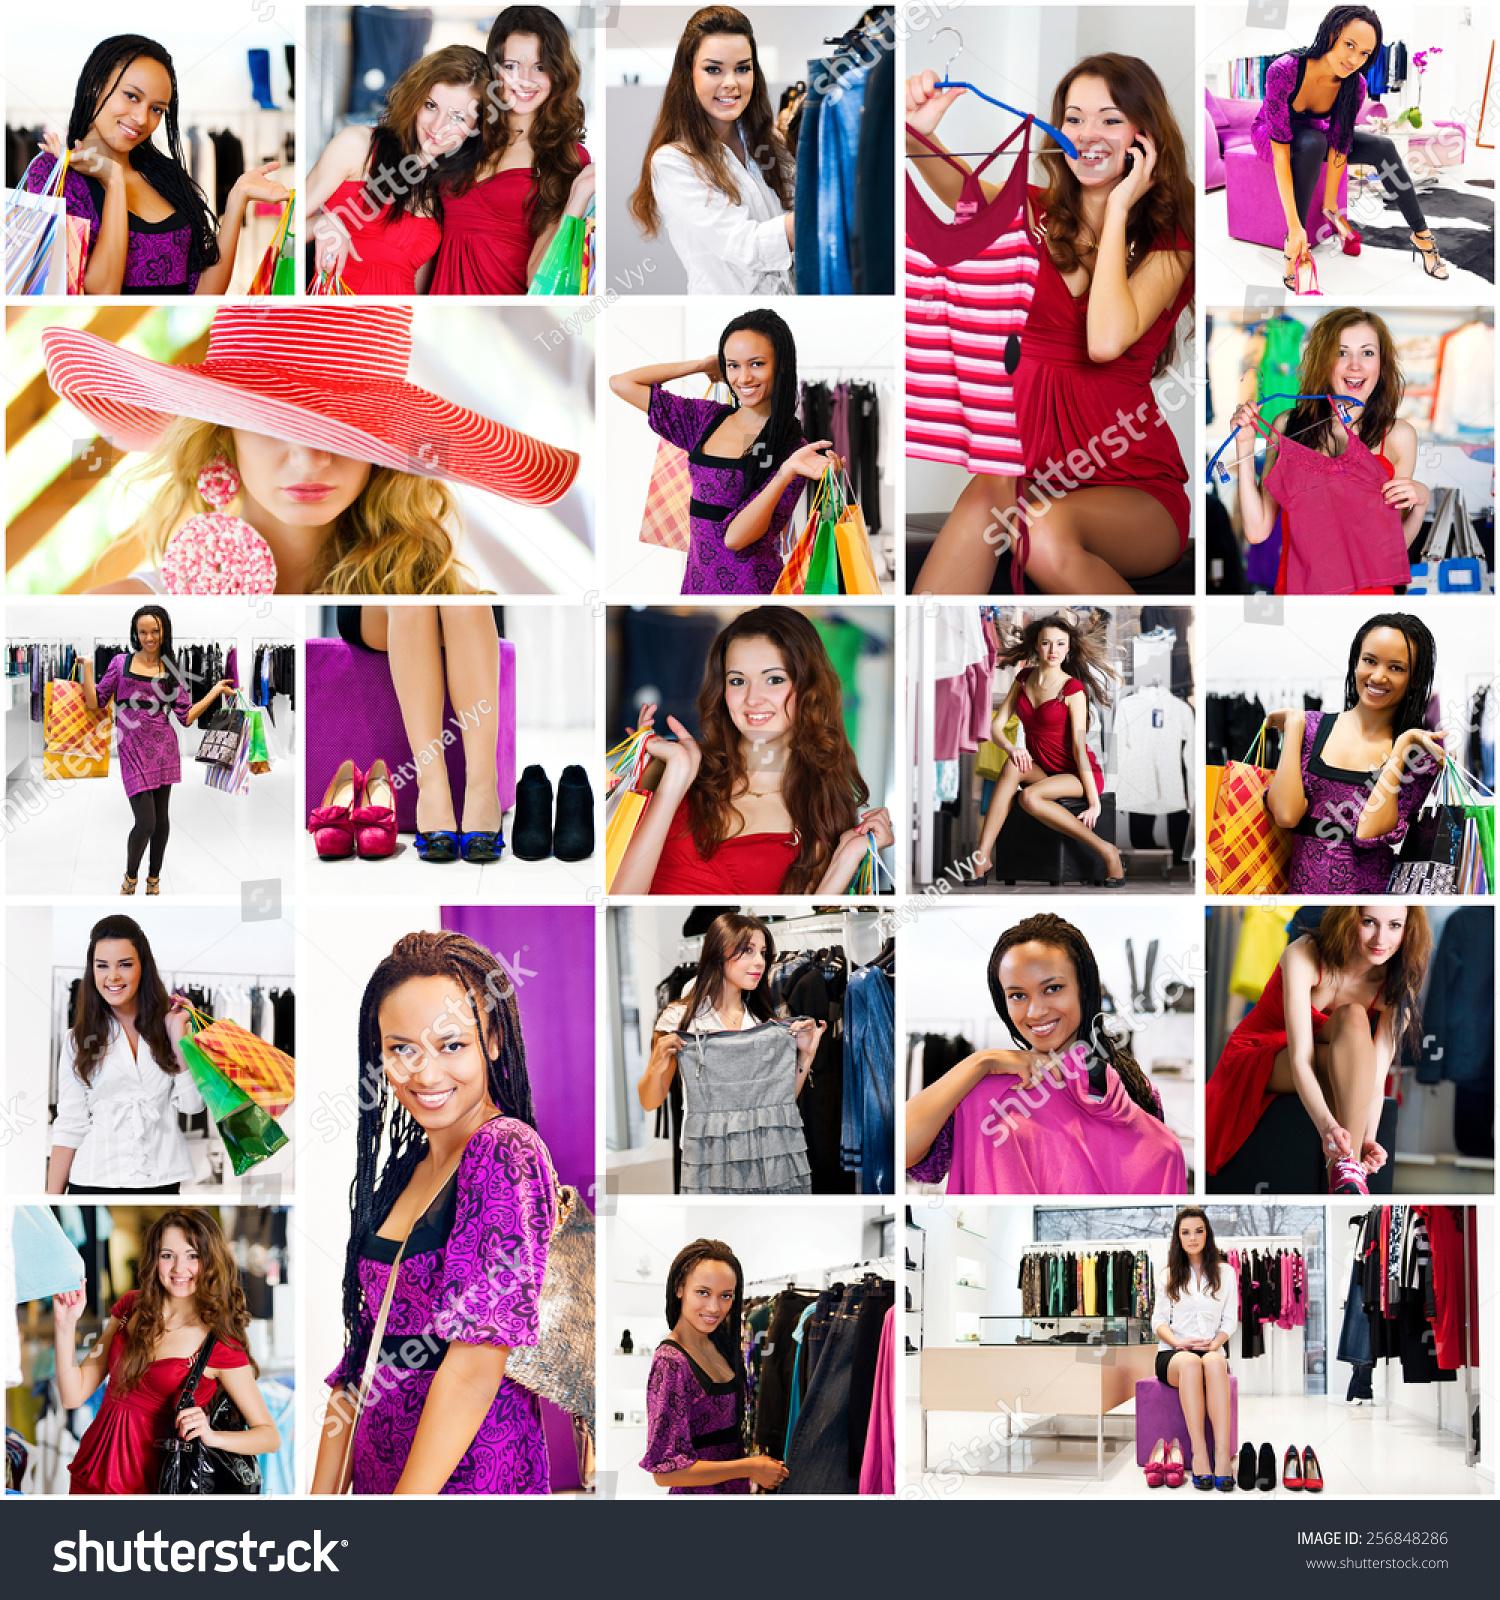 照片拼贴画的主题购物-人物,美容/时装服饰-海洛创意